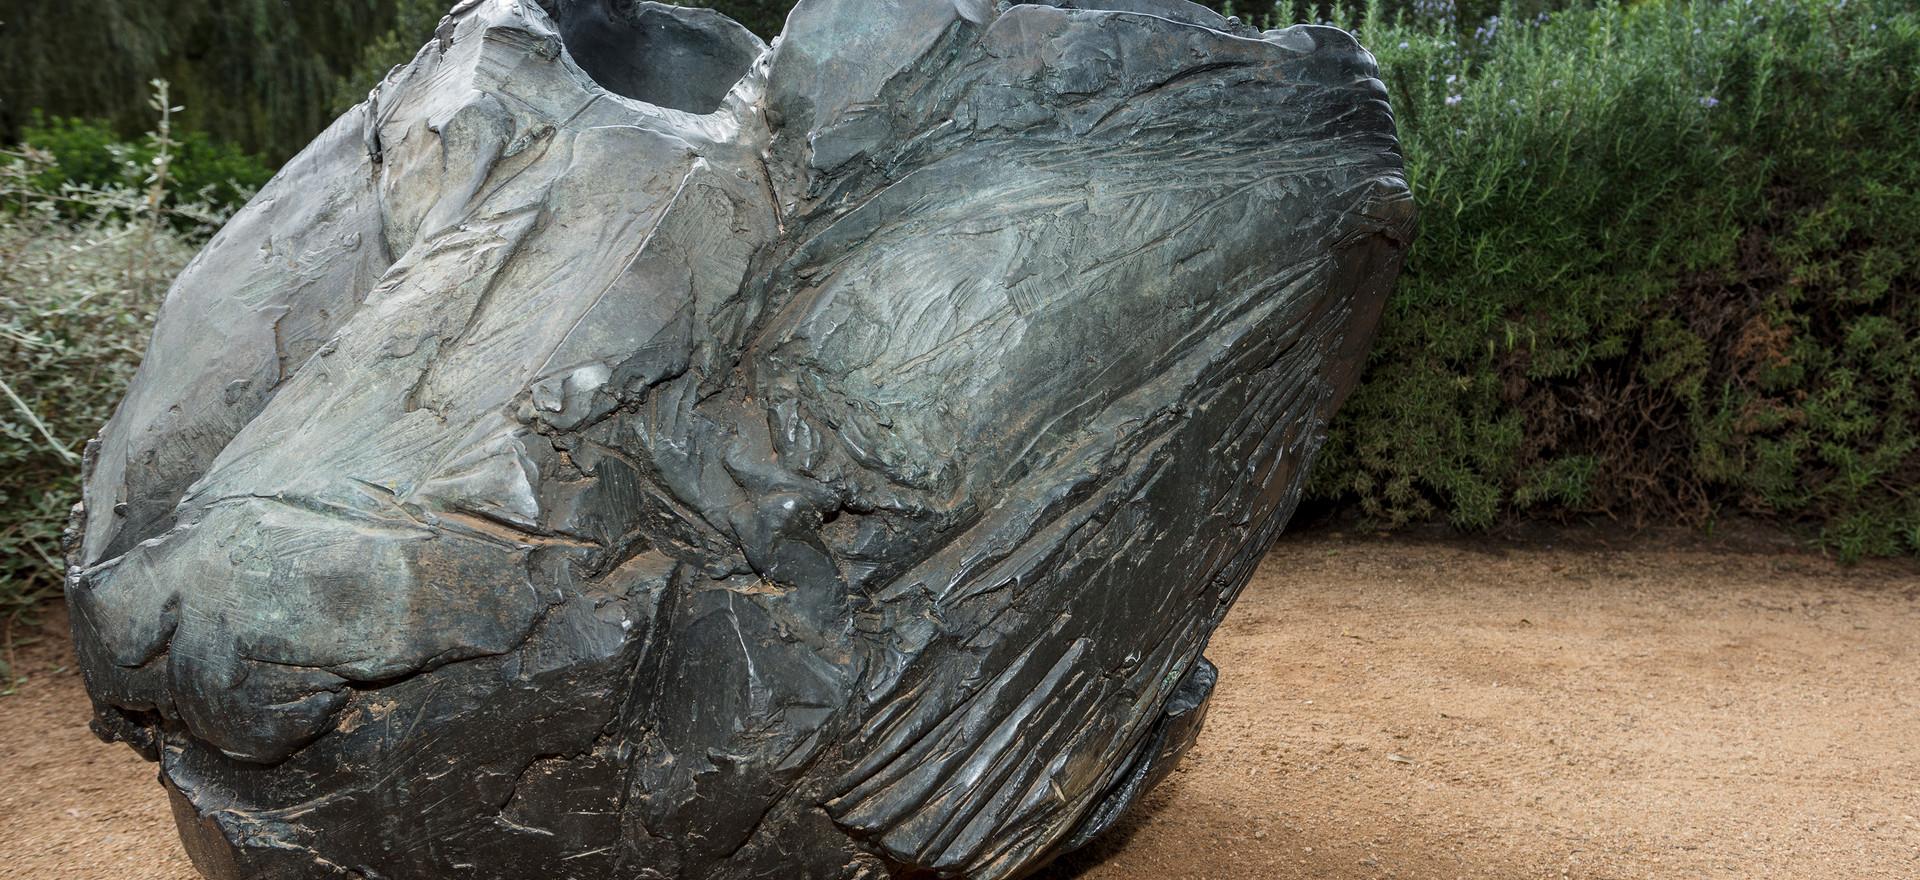 'Kin' 2016, bronze, 82 x 90 x 110 cm